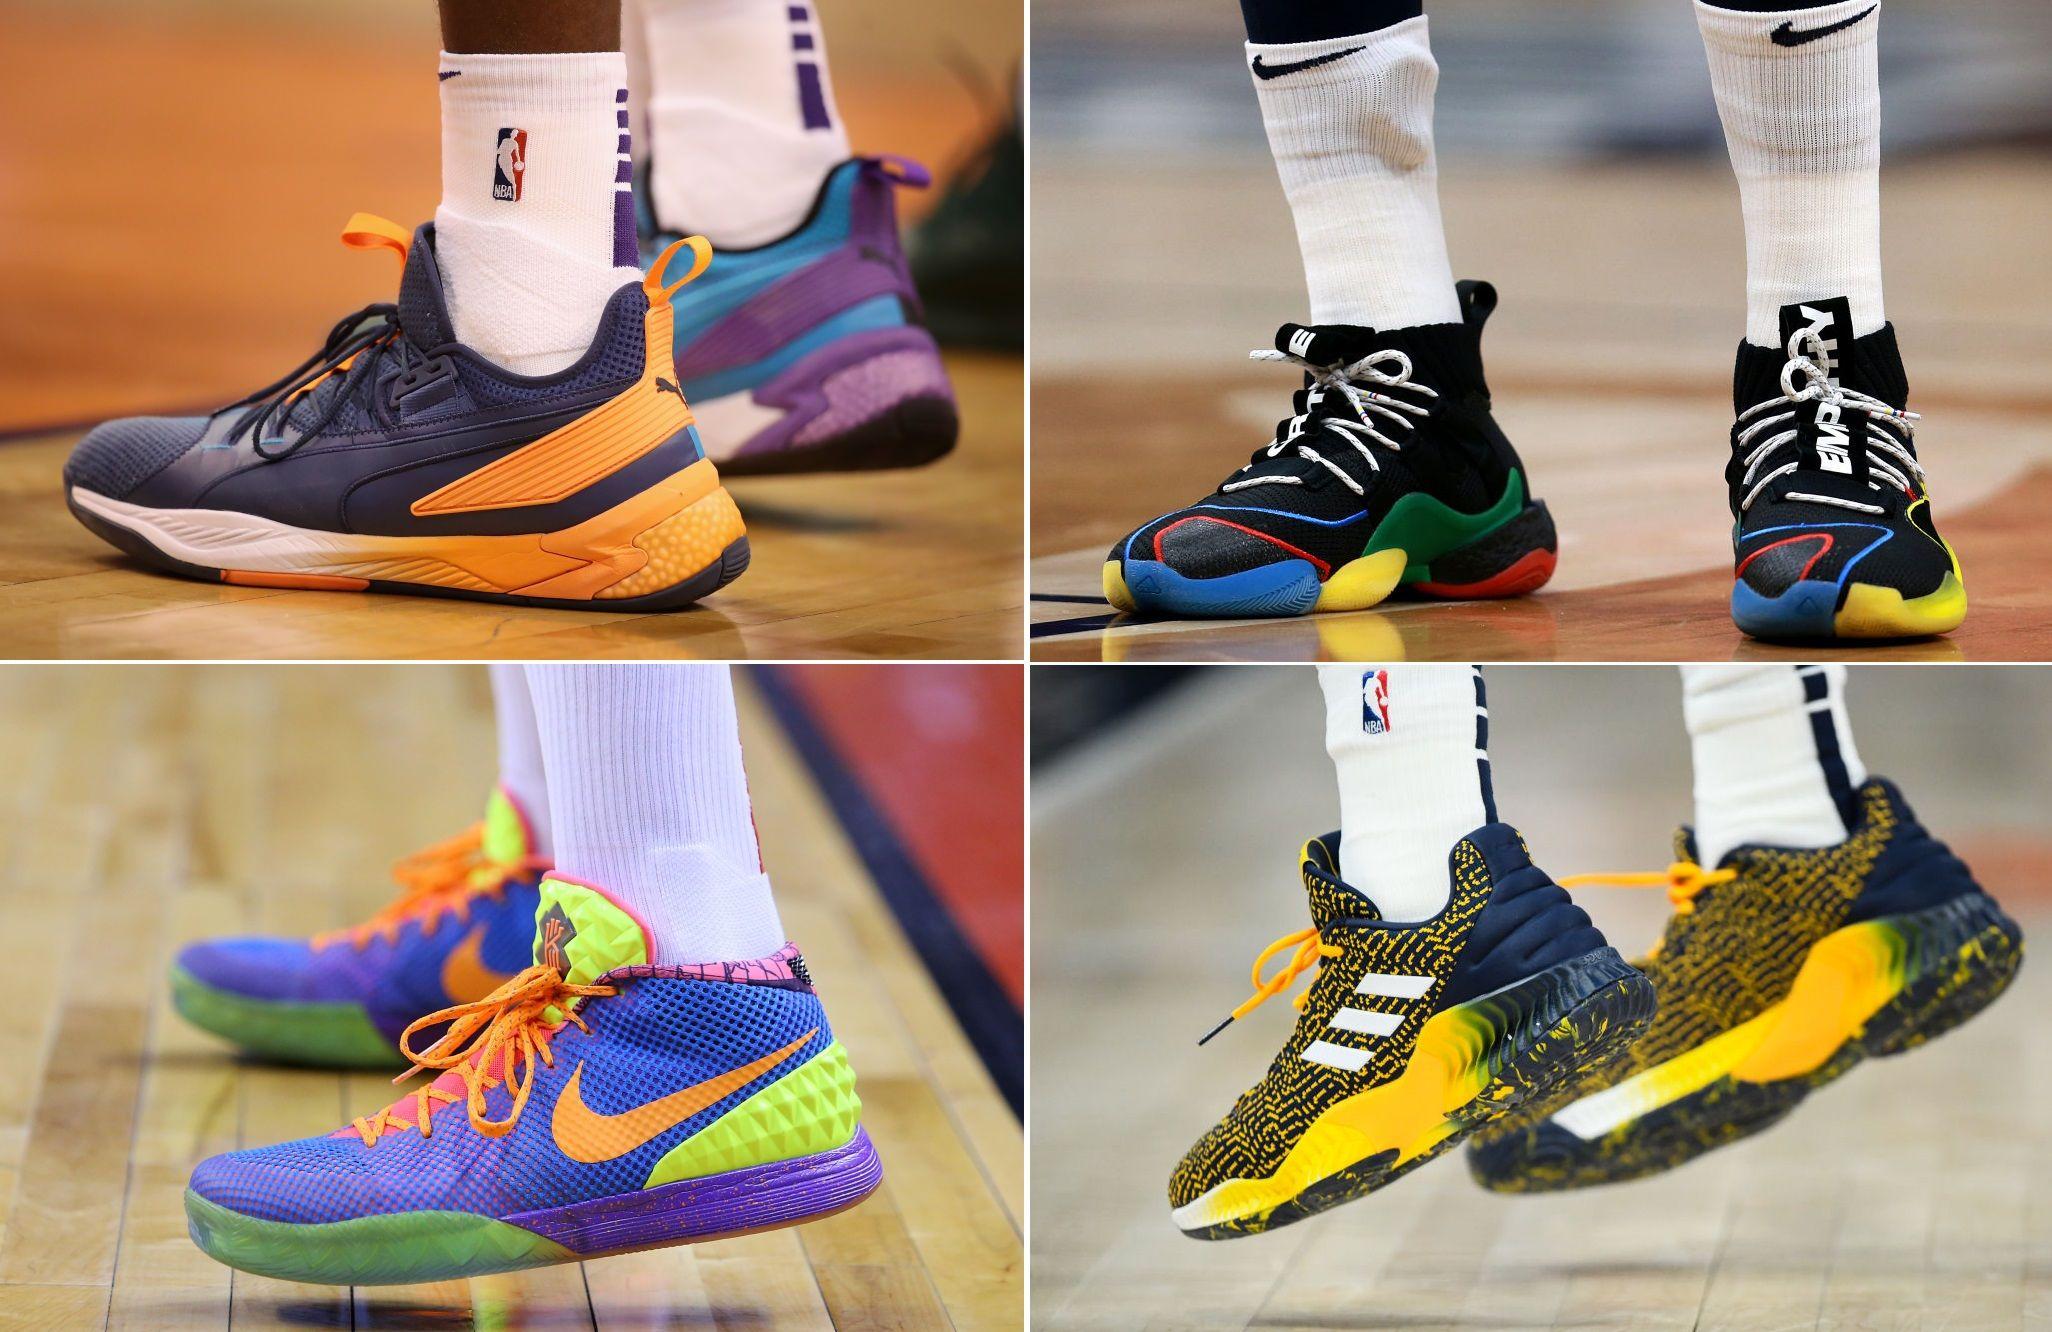 reputable site dd882 71444 Le sneakers più belle e pazze della NBA